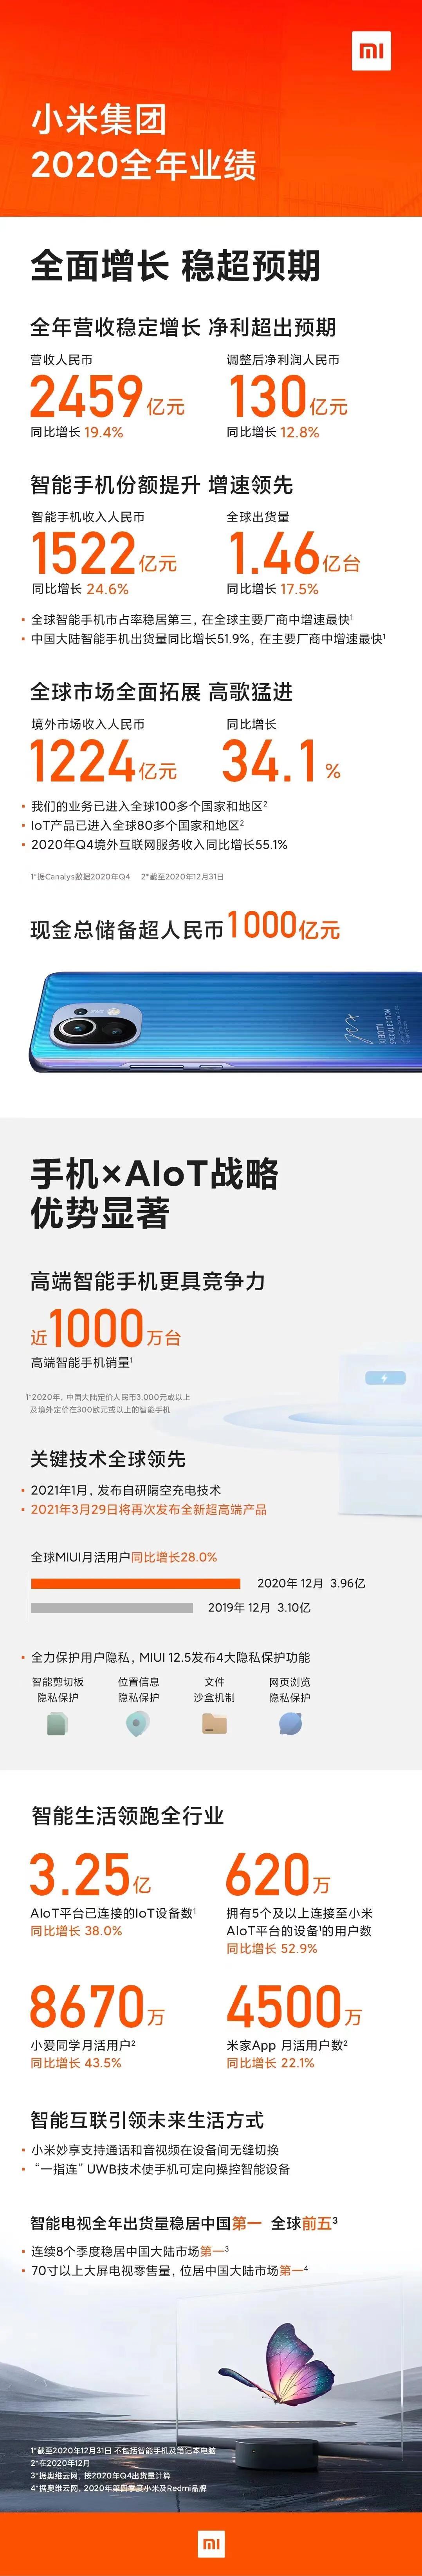 手机X AIoT策略成效显著丨小米去年多项指标创历史新高